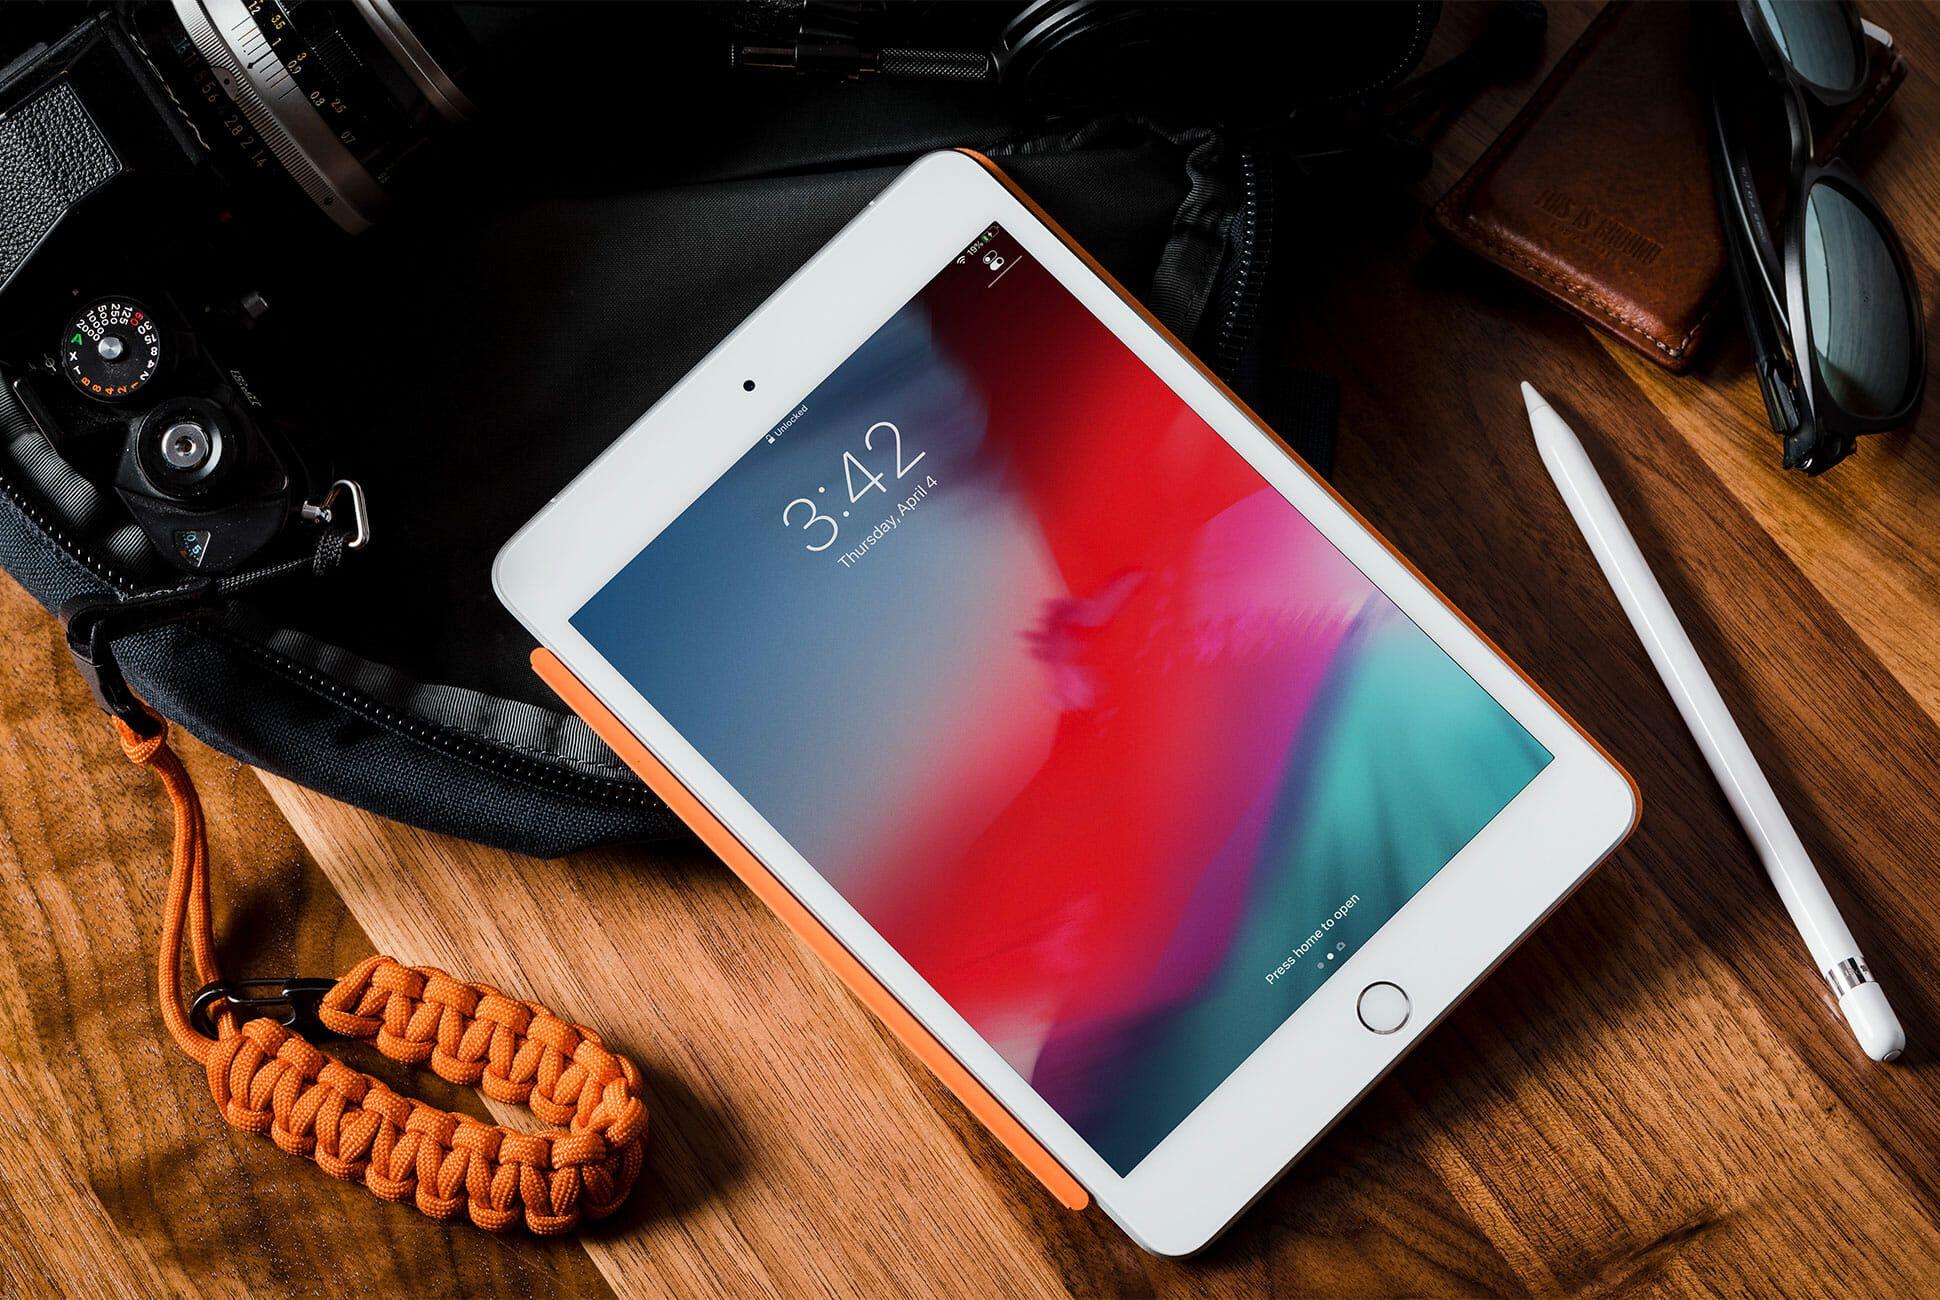 iPad-Mini-gear-patrol-full-lead